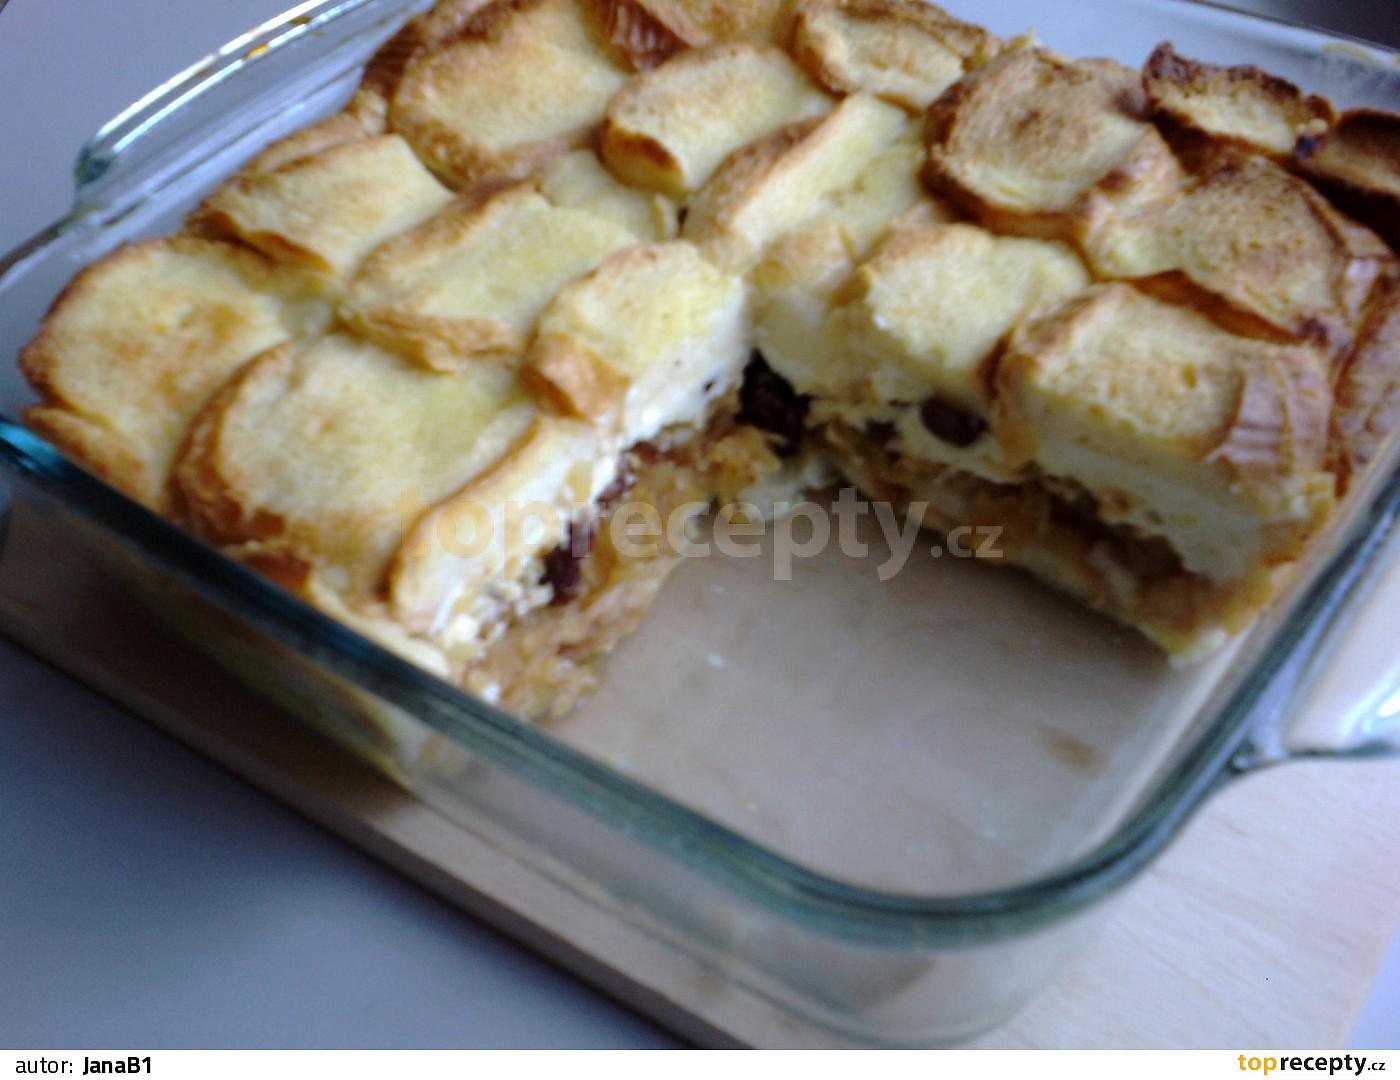 Žemlovka s jablky a tvarohem recept - TopRecepty.cz b9ff1e3bf0